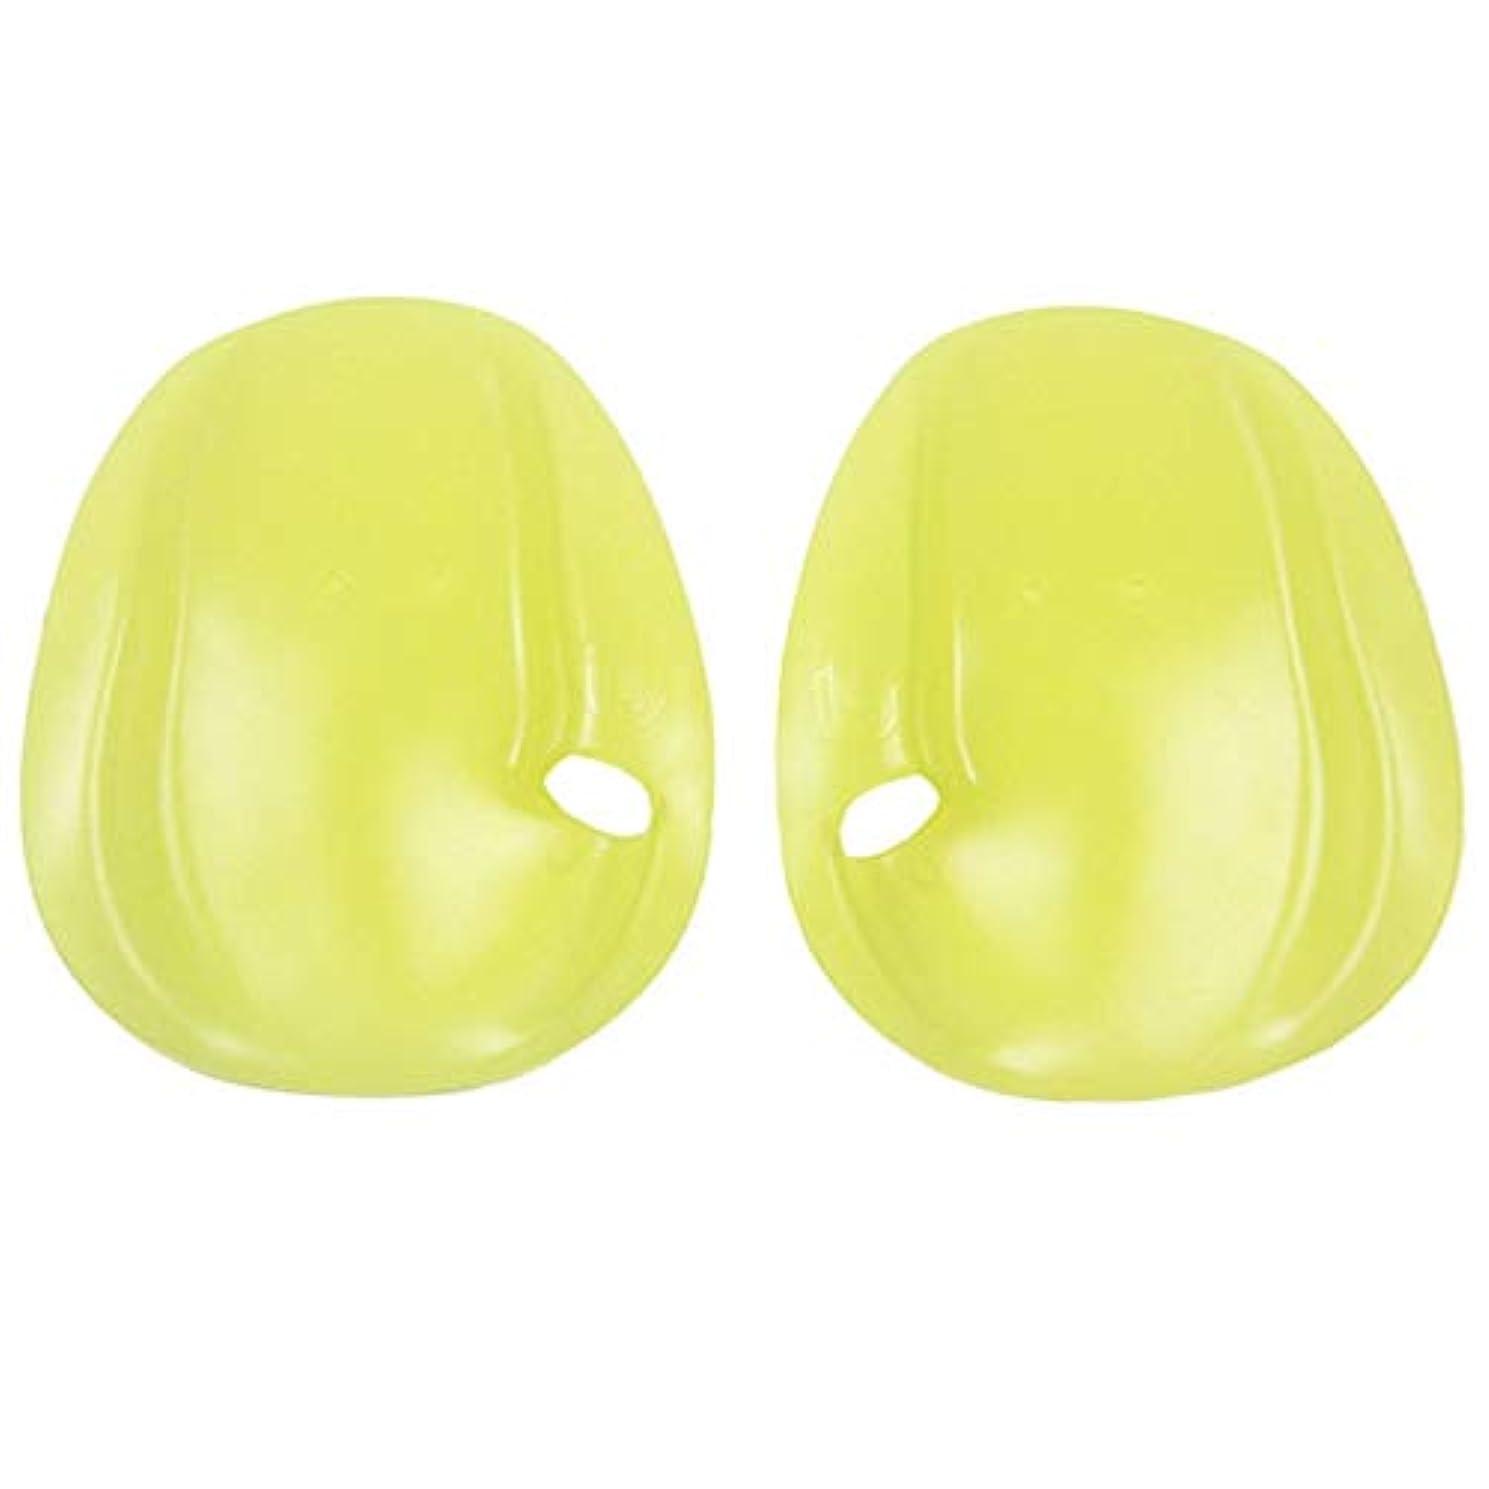 シャーロットブロンテあいまいメガロポリスTOOGOO アジリティハンドパドル 水泳ウェブベッドダイビンググローブトレーニング水泳&ダイビング手袋 グリーンS